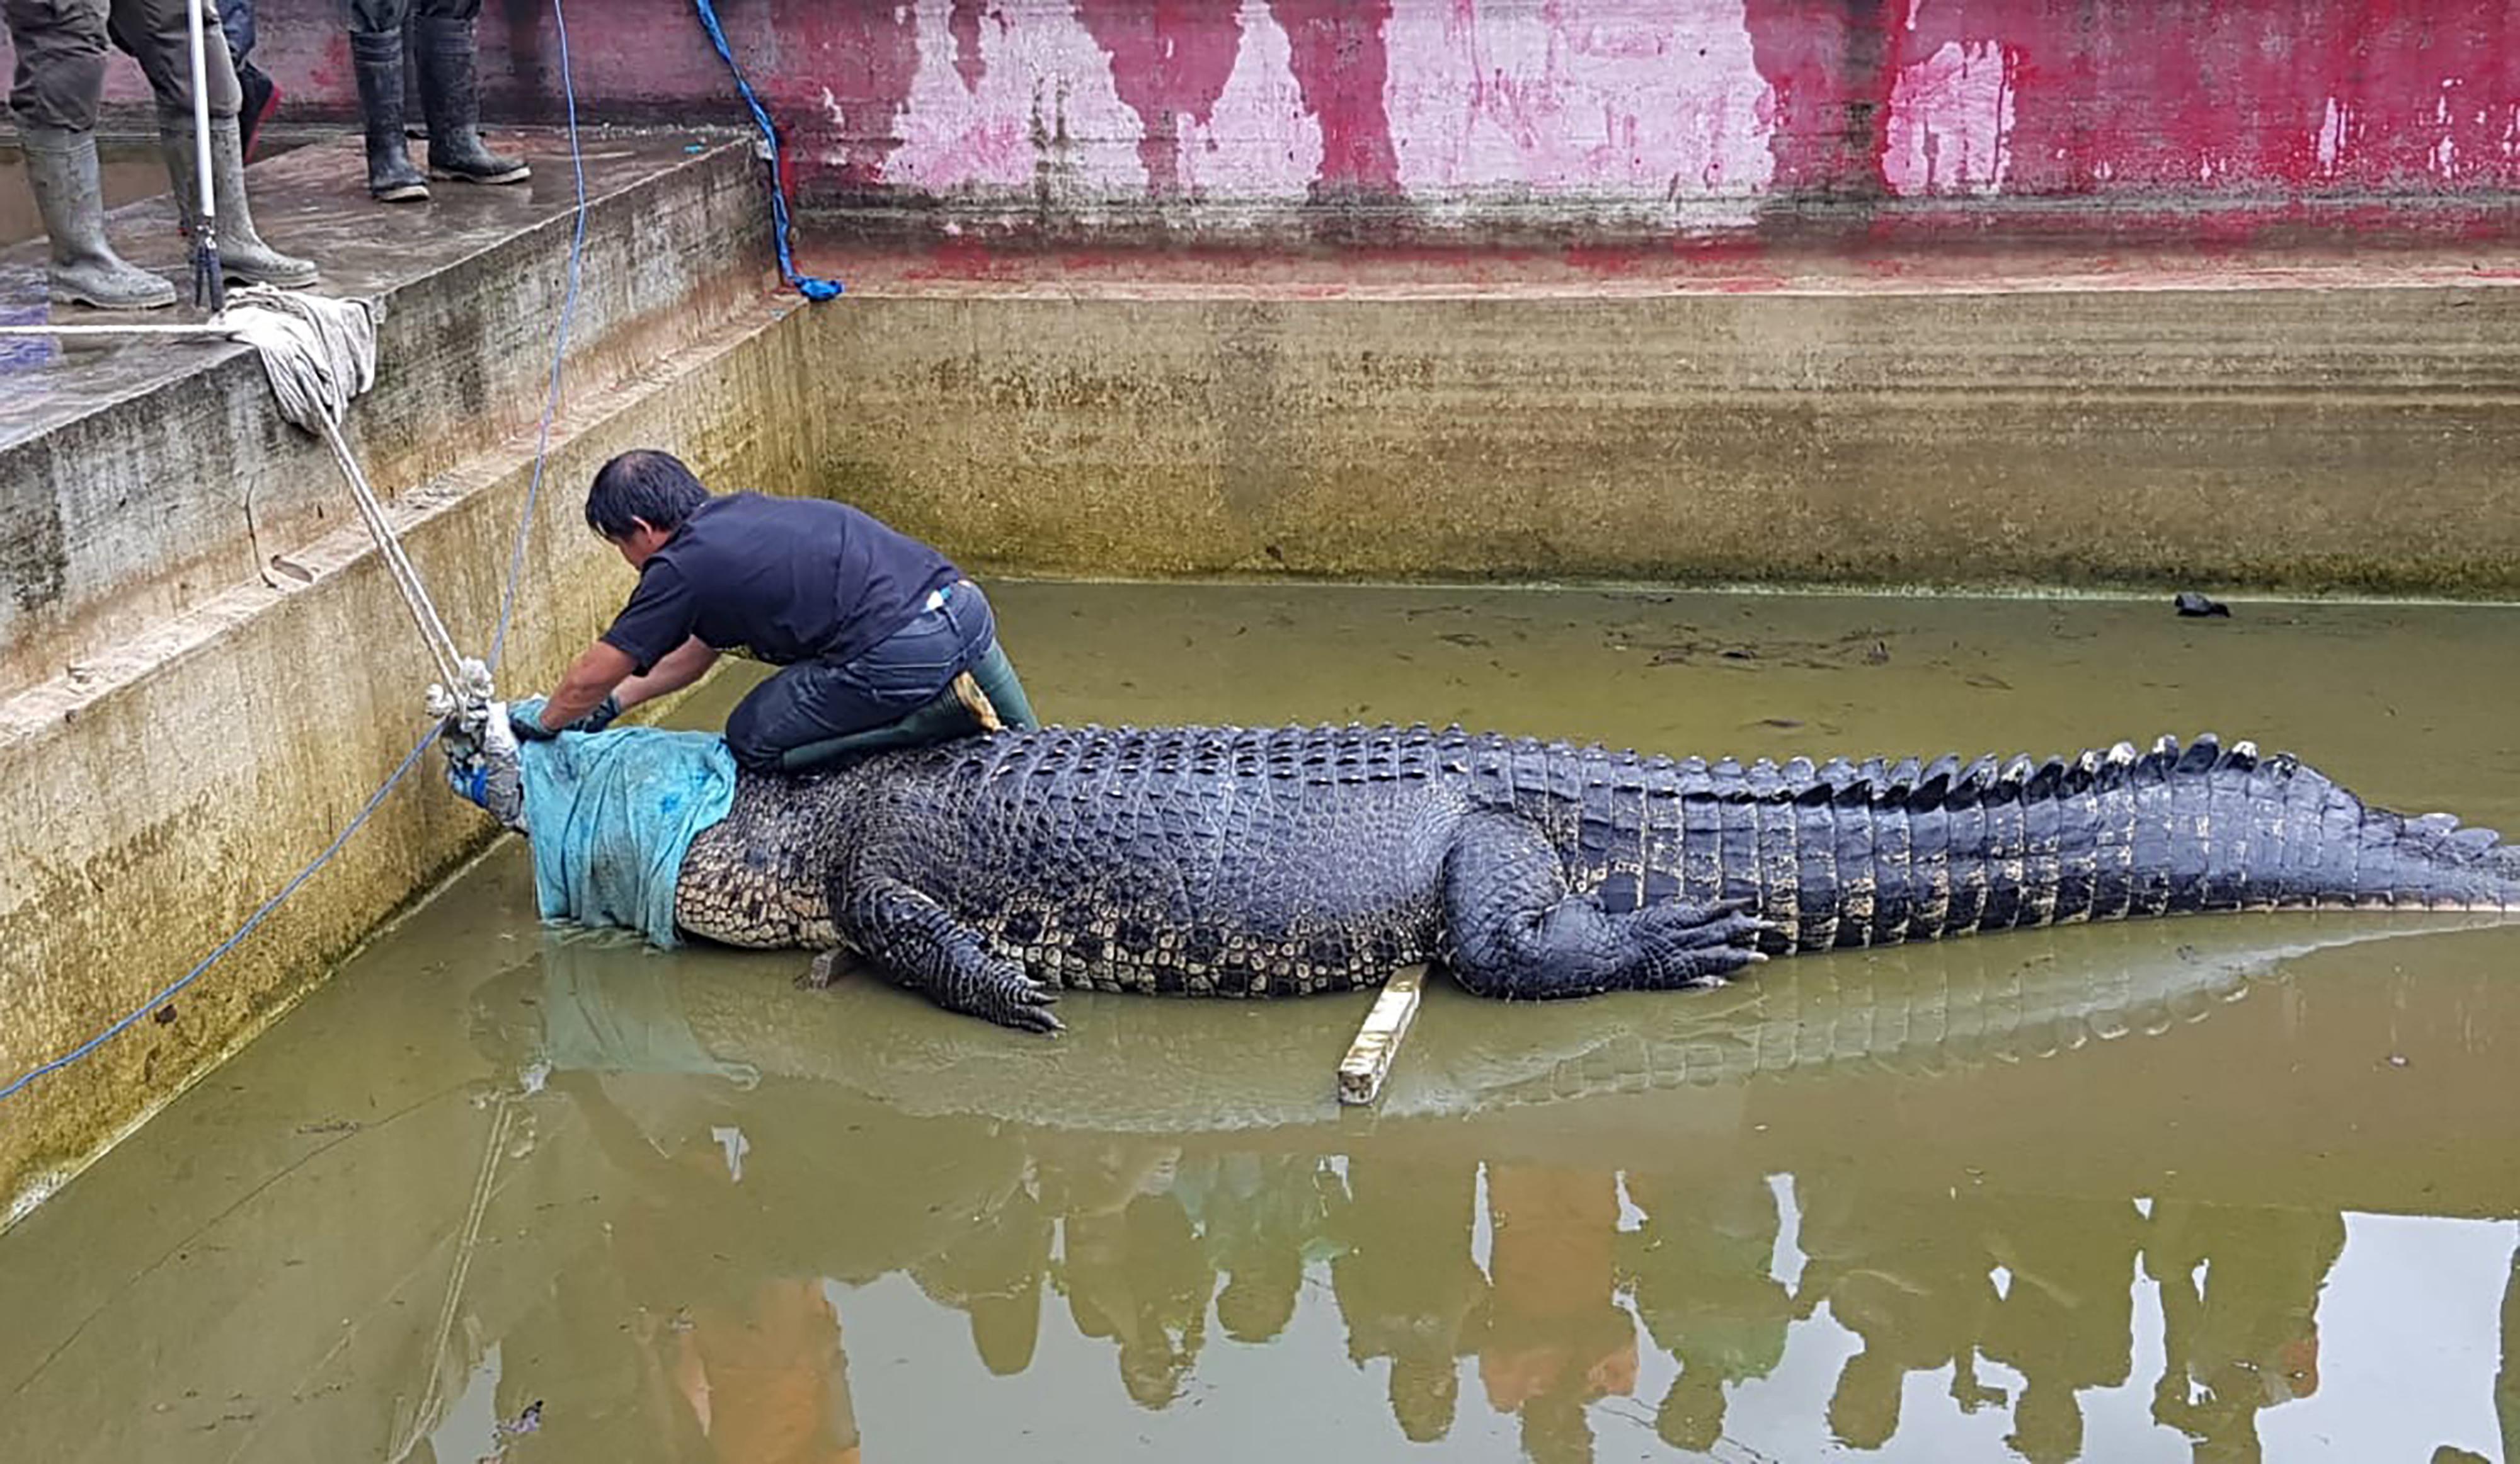 Illegálisan tartott 700 kilós krokodil ölt meg egy nőt Indonéziában